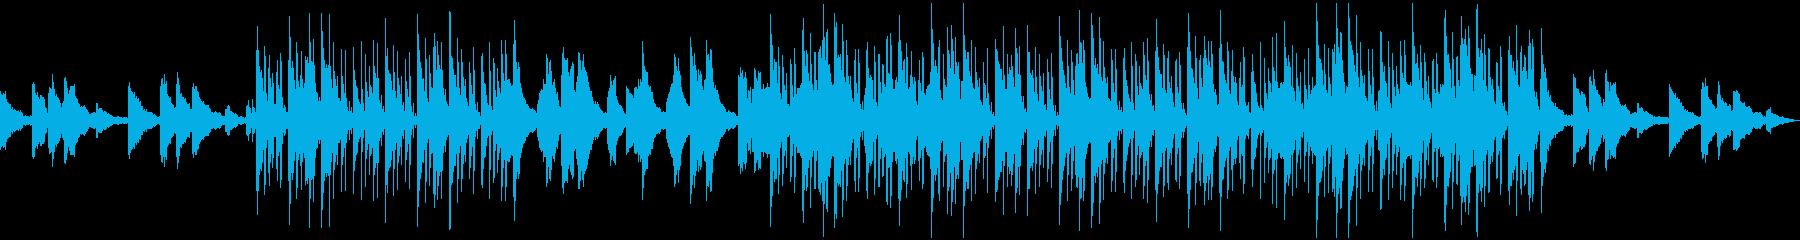 幻想的なBGM・ヒップホップビートの再生済みの波形